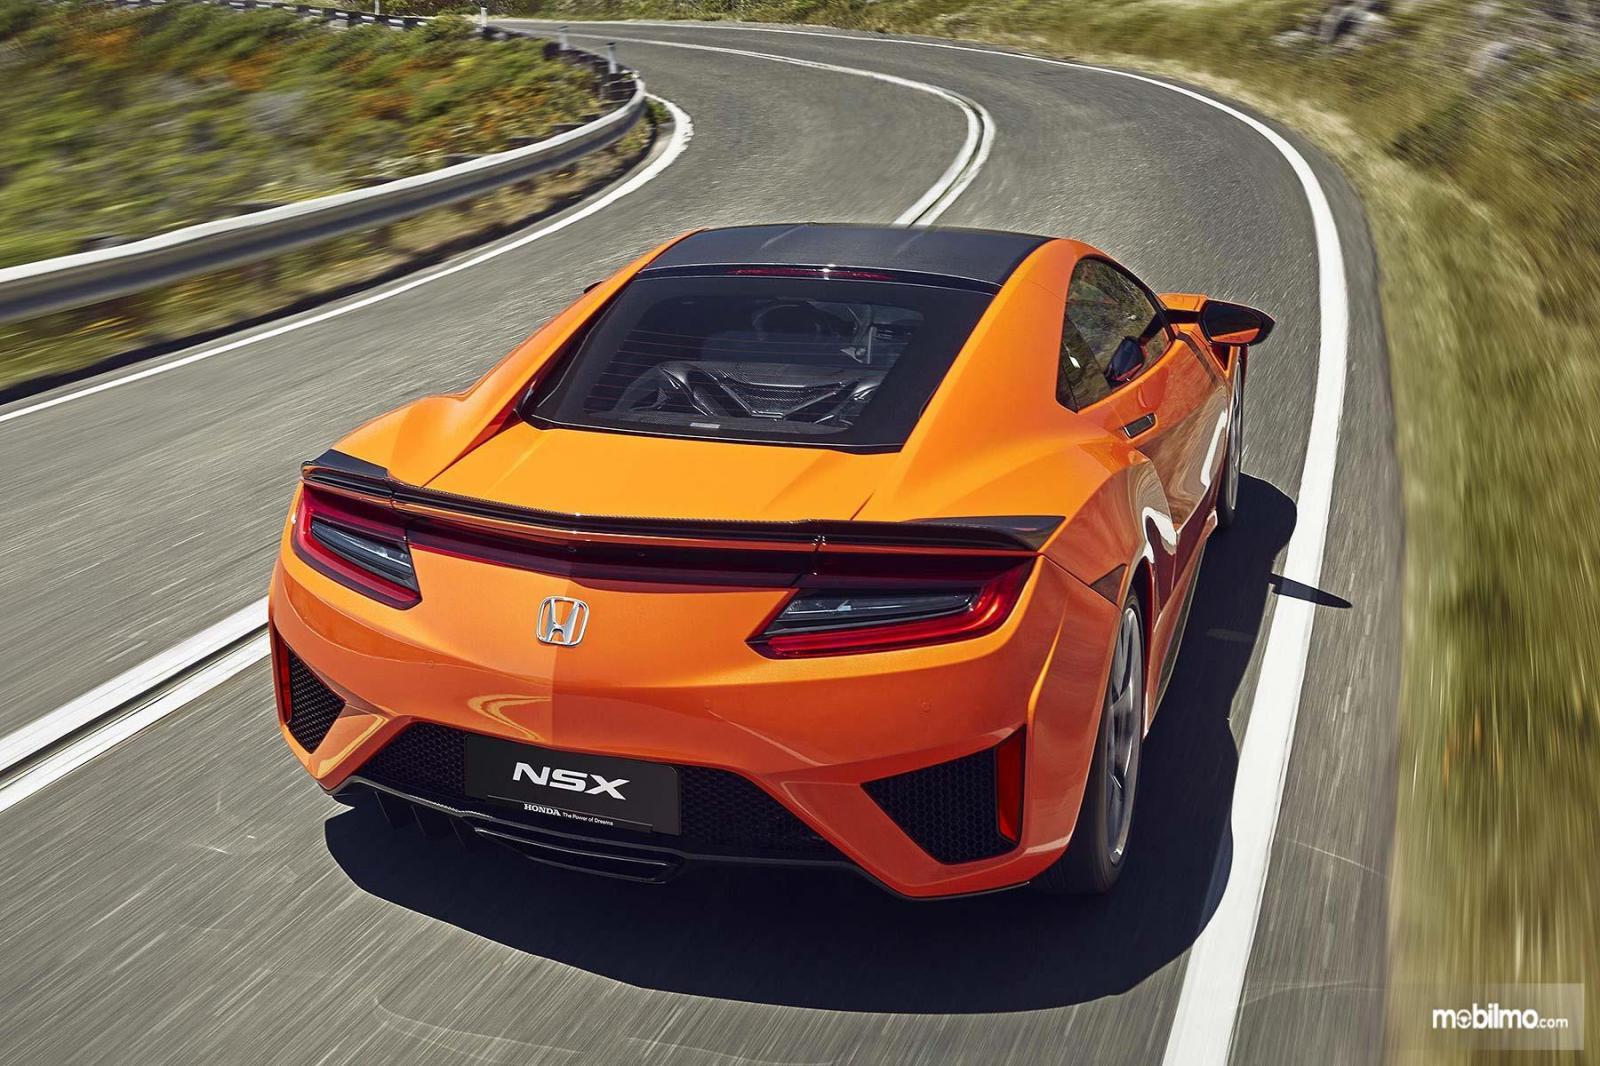 Gambar mobil Honda NSX 2019 berwarna orange dilihat dari sisi belakang